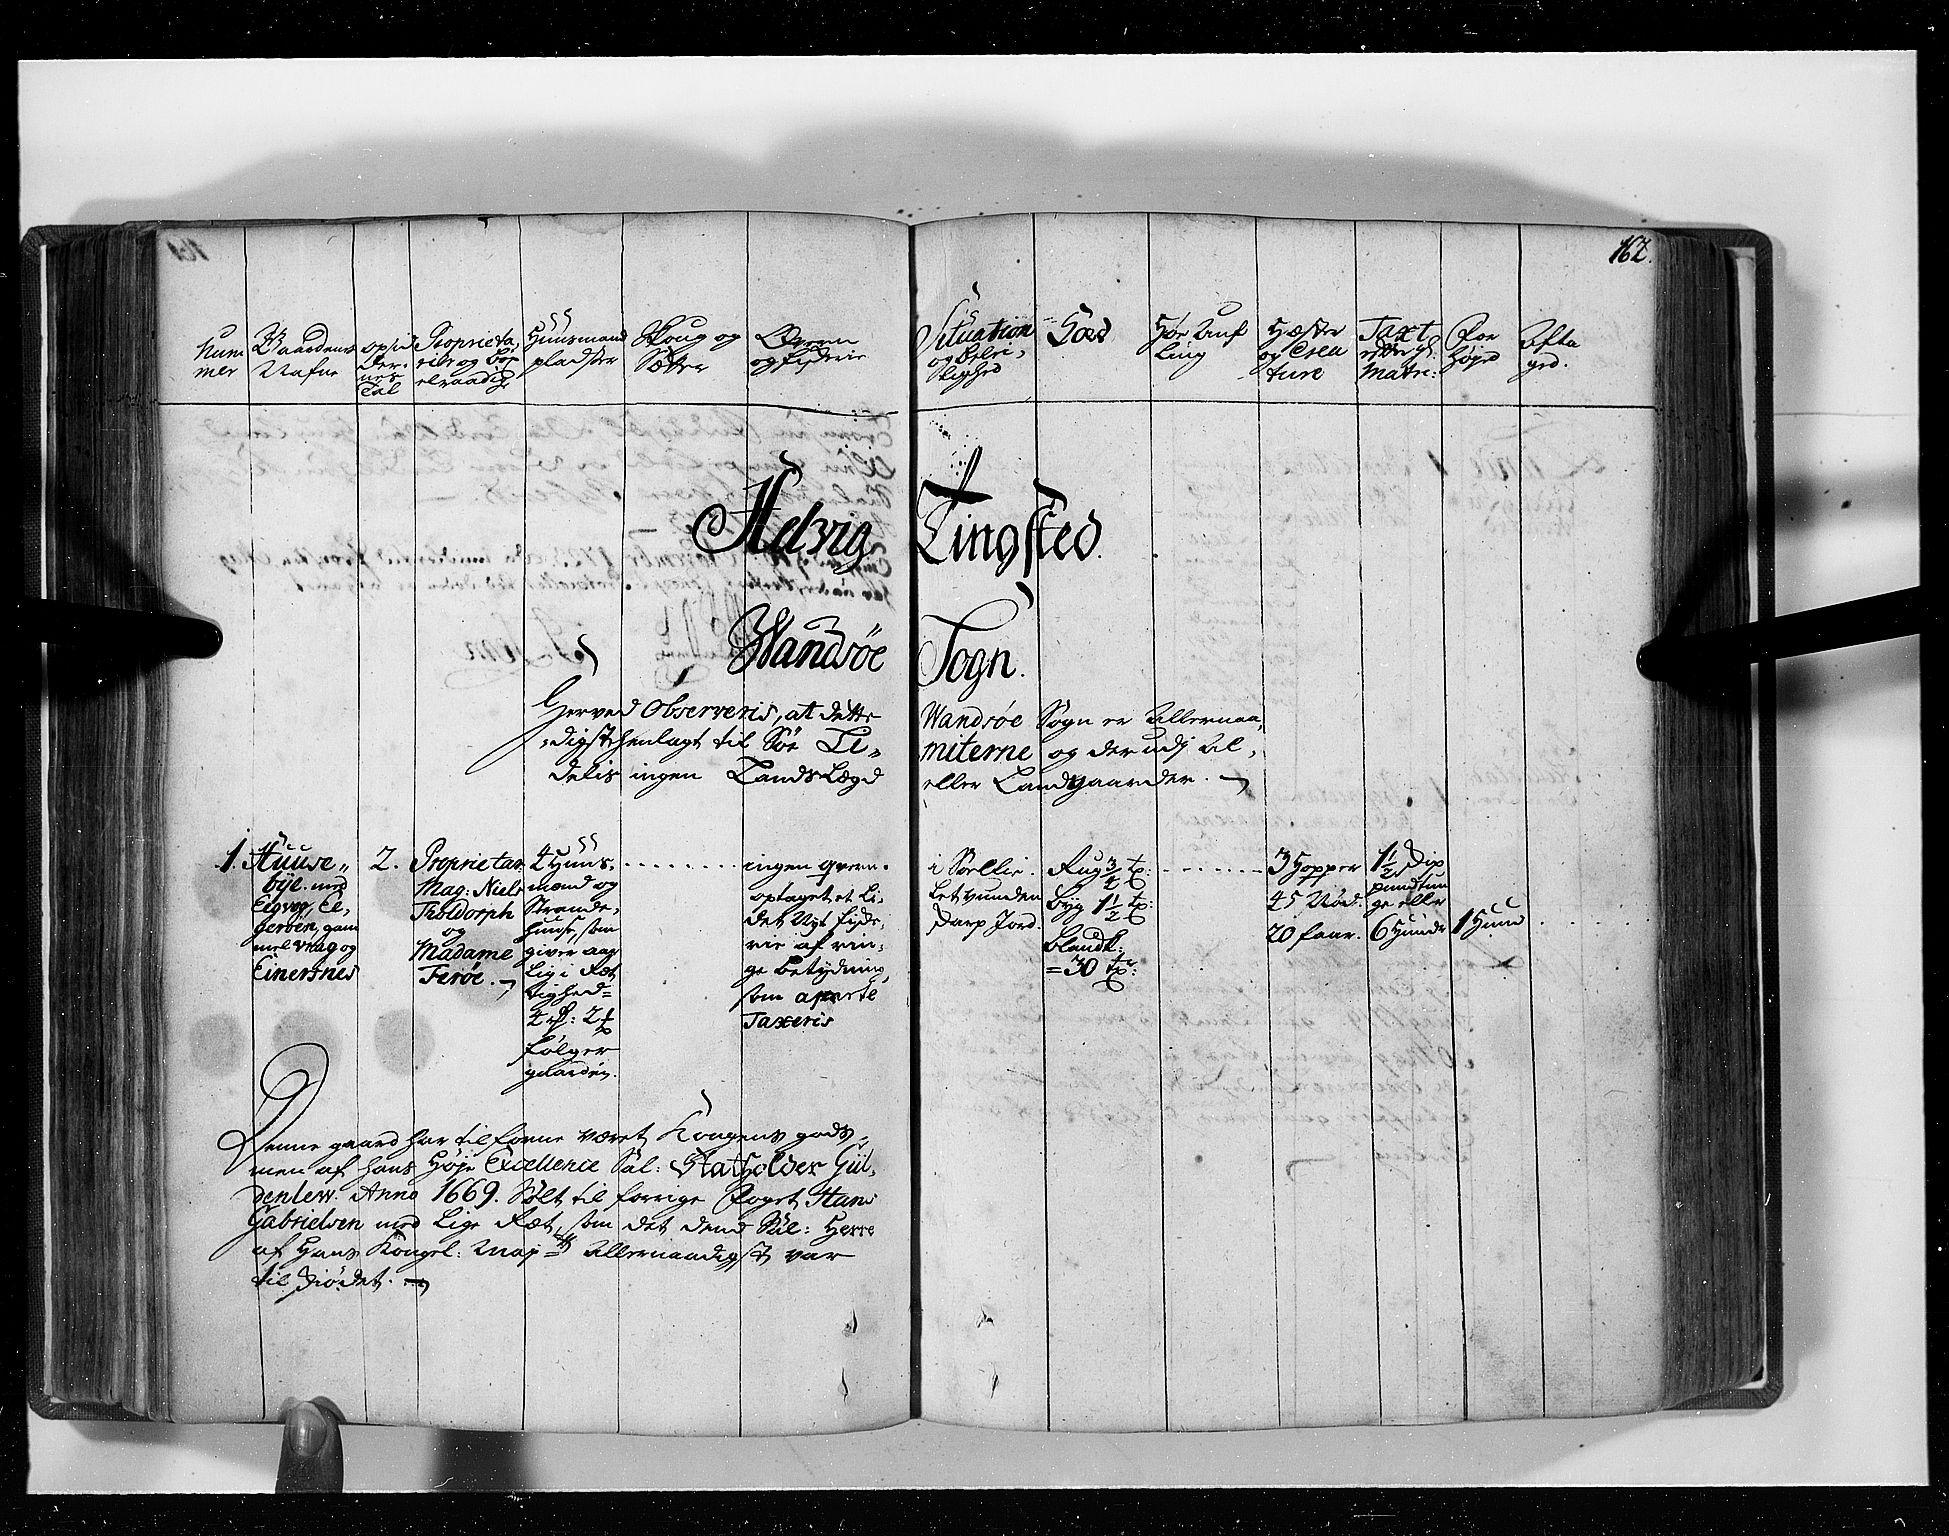 RA, Rentekammeret inntil 1814, Realistisk ordnet avdeling, N/Nb/Nbf/L0129: Lista eksaminasjonsprotokoll, 1723, s. 161b-162a